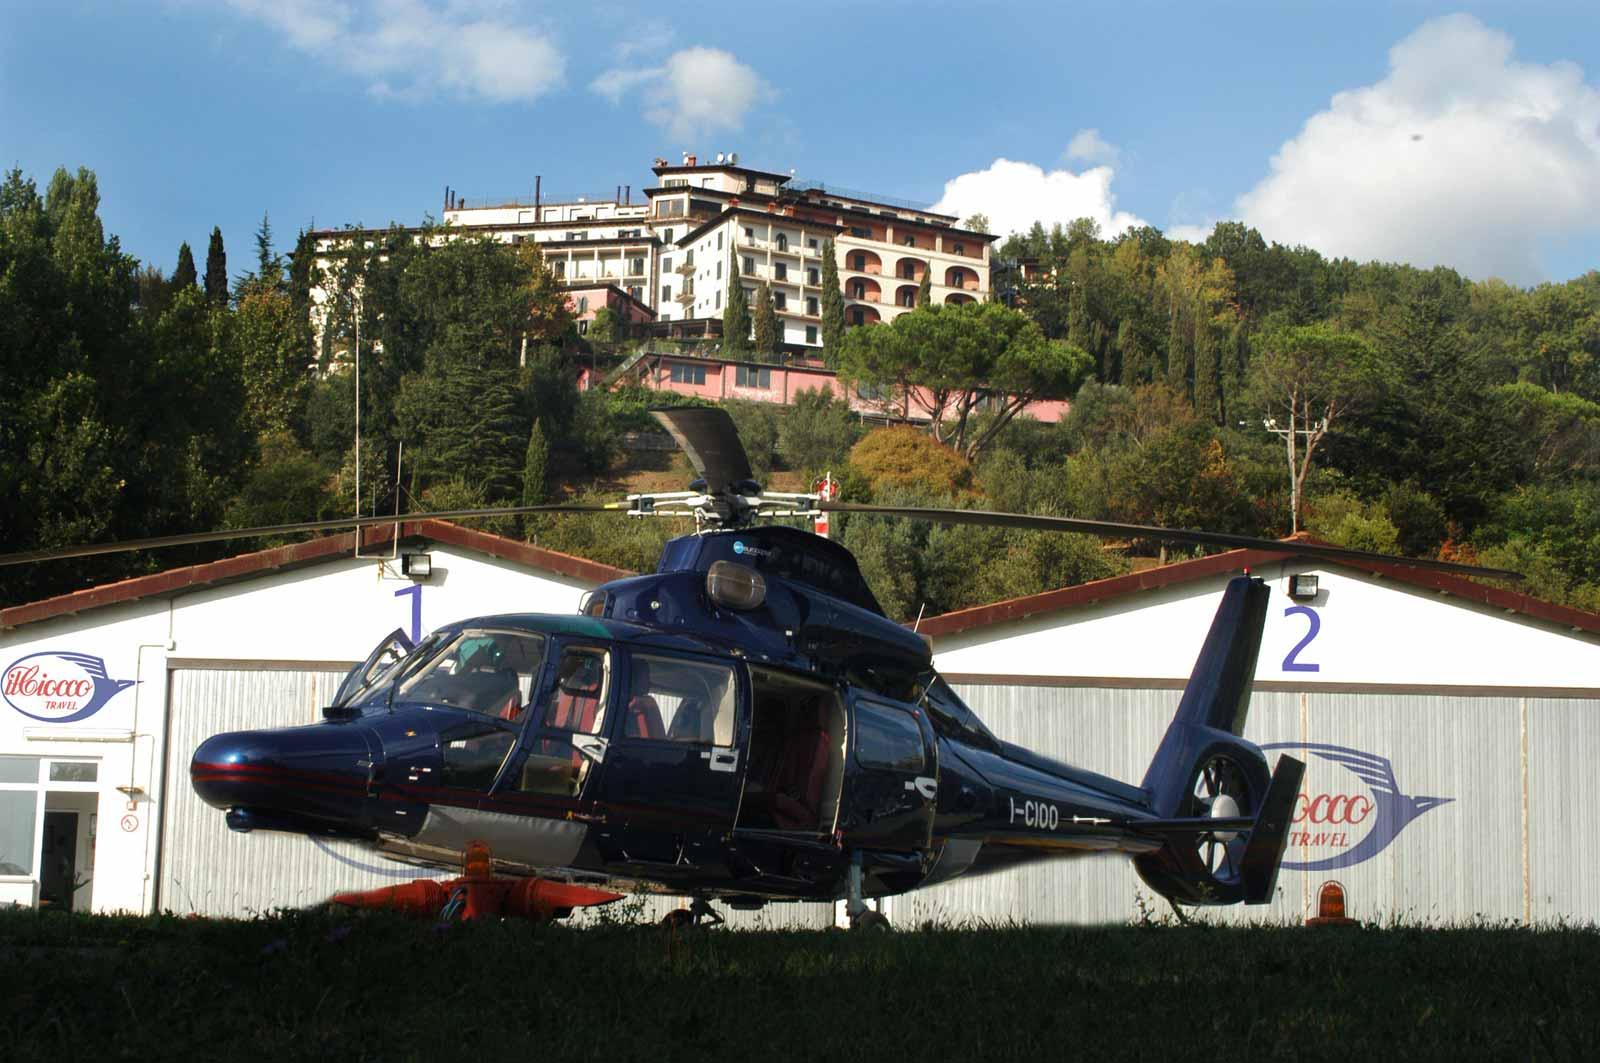 elicottero-cioccotravel-1600